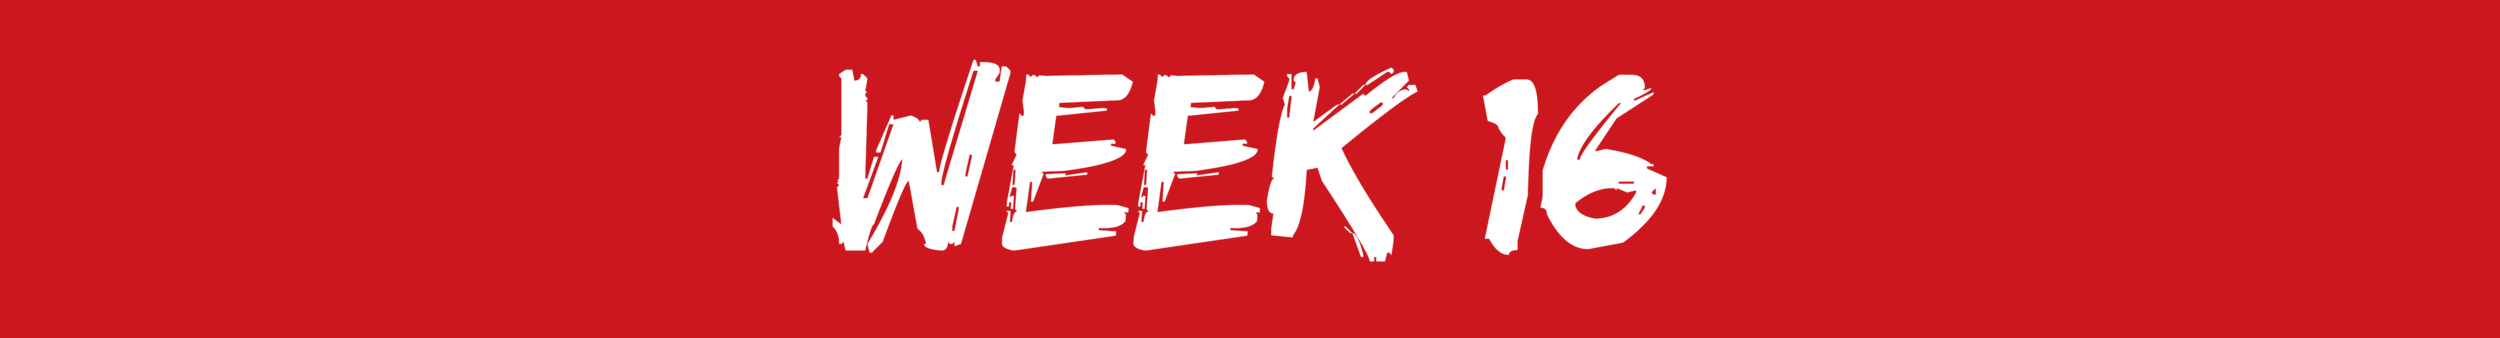 LCA4R week 16.png